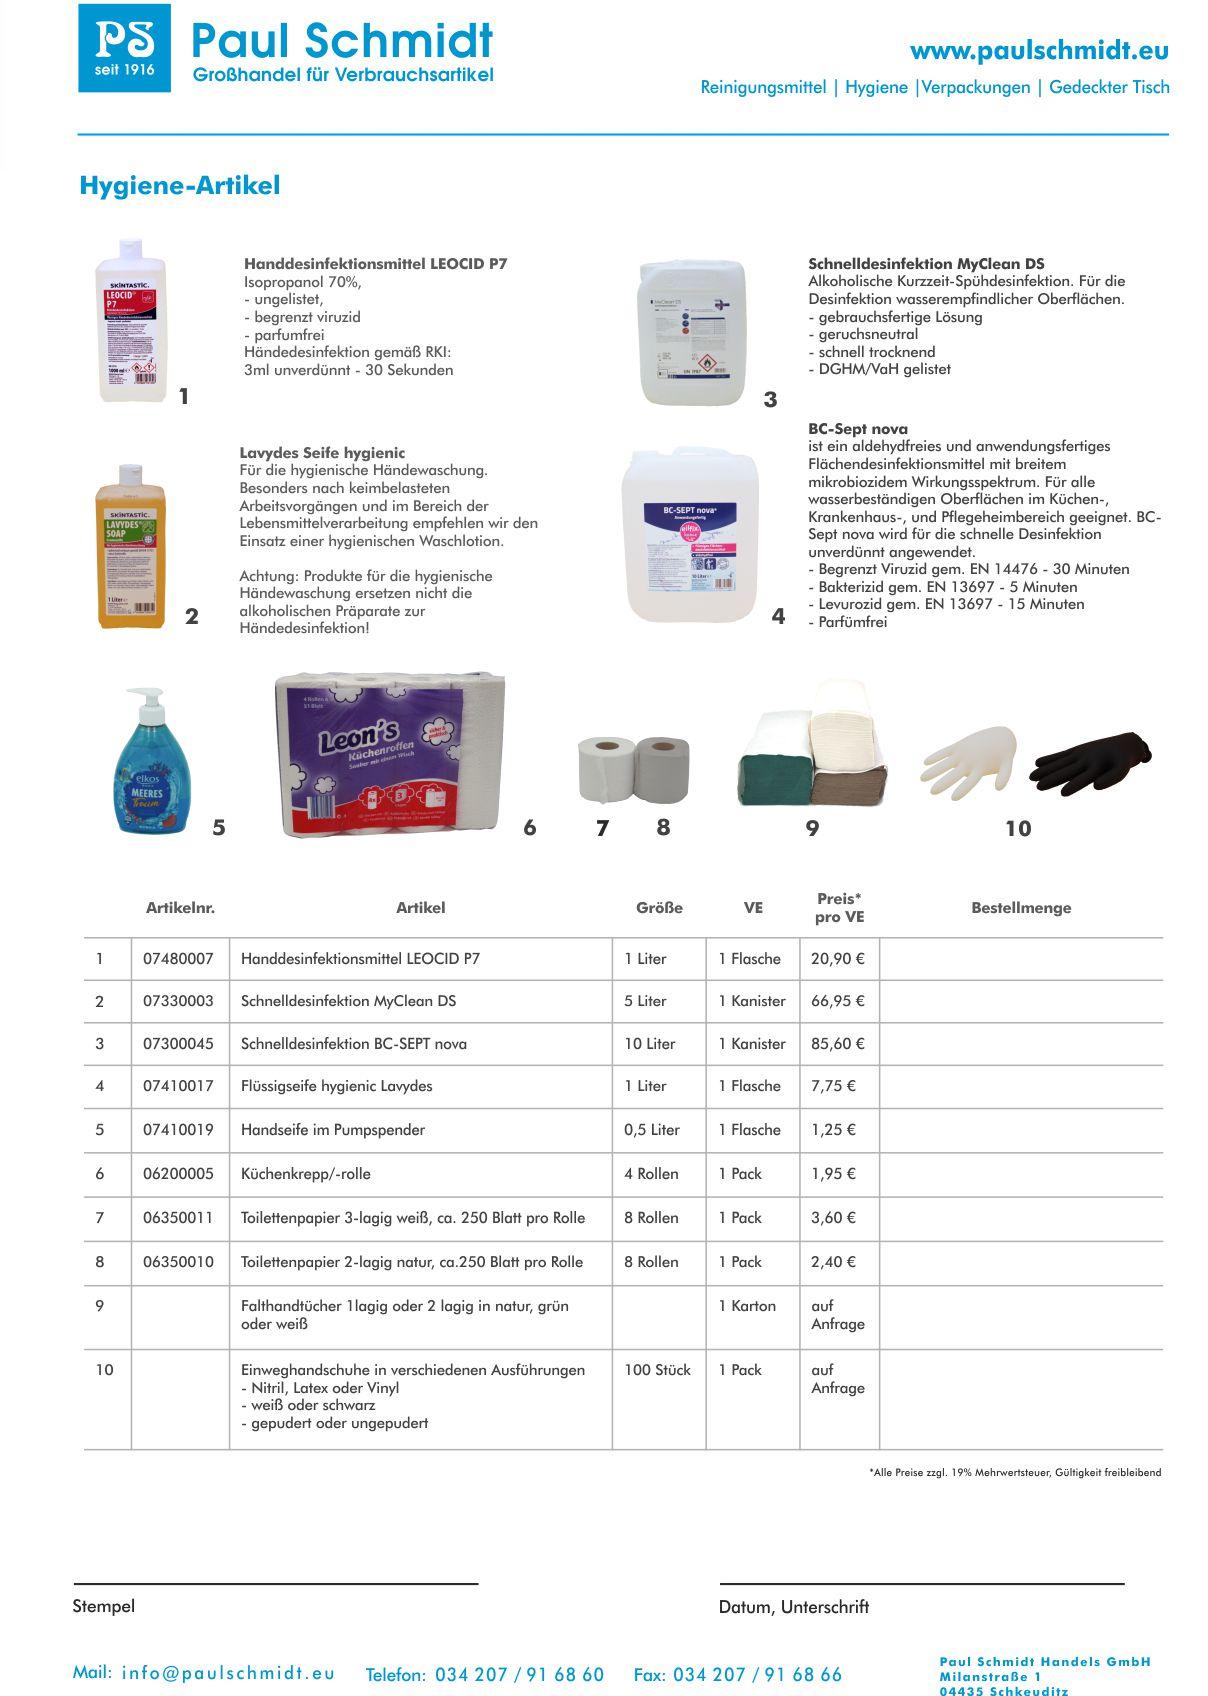 20200423_Hygiene_Artikel